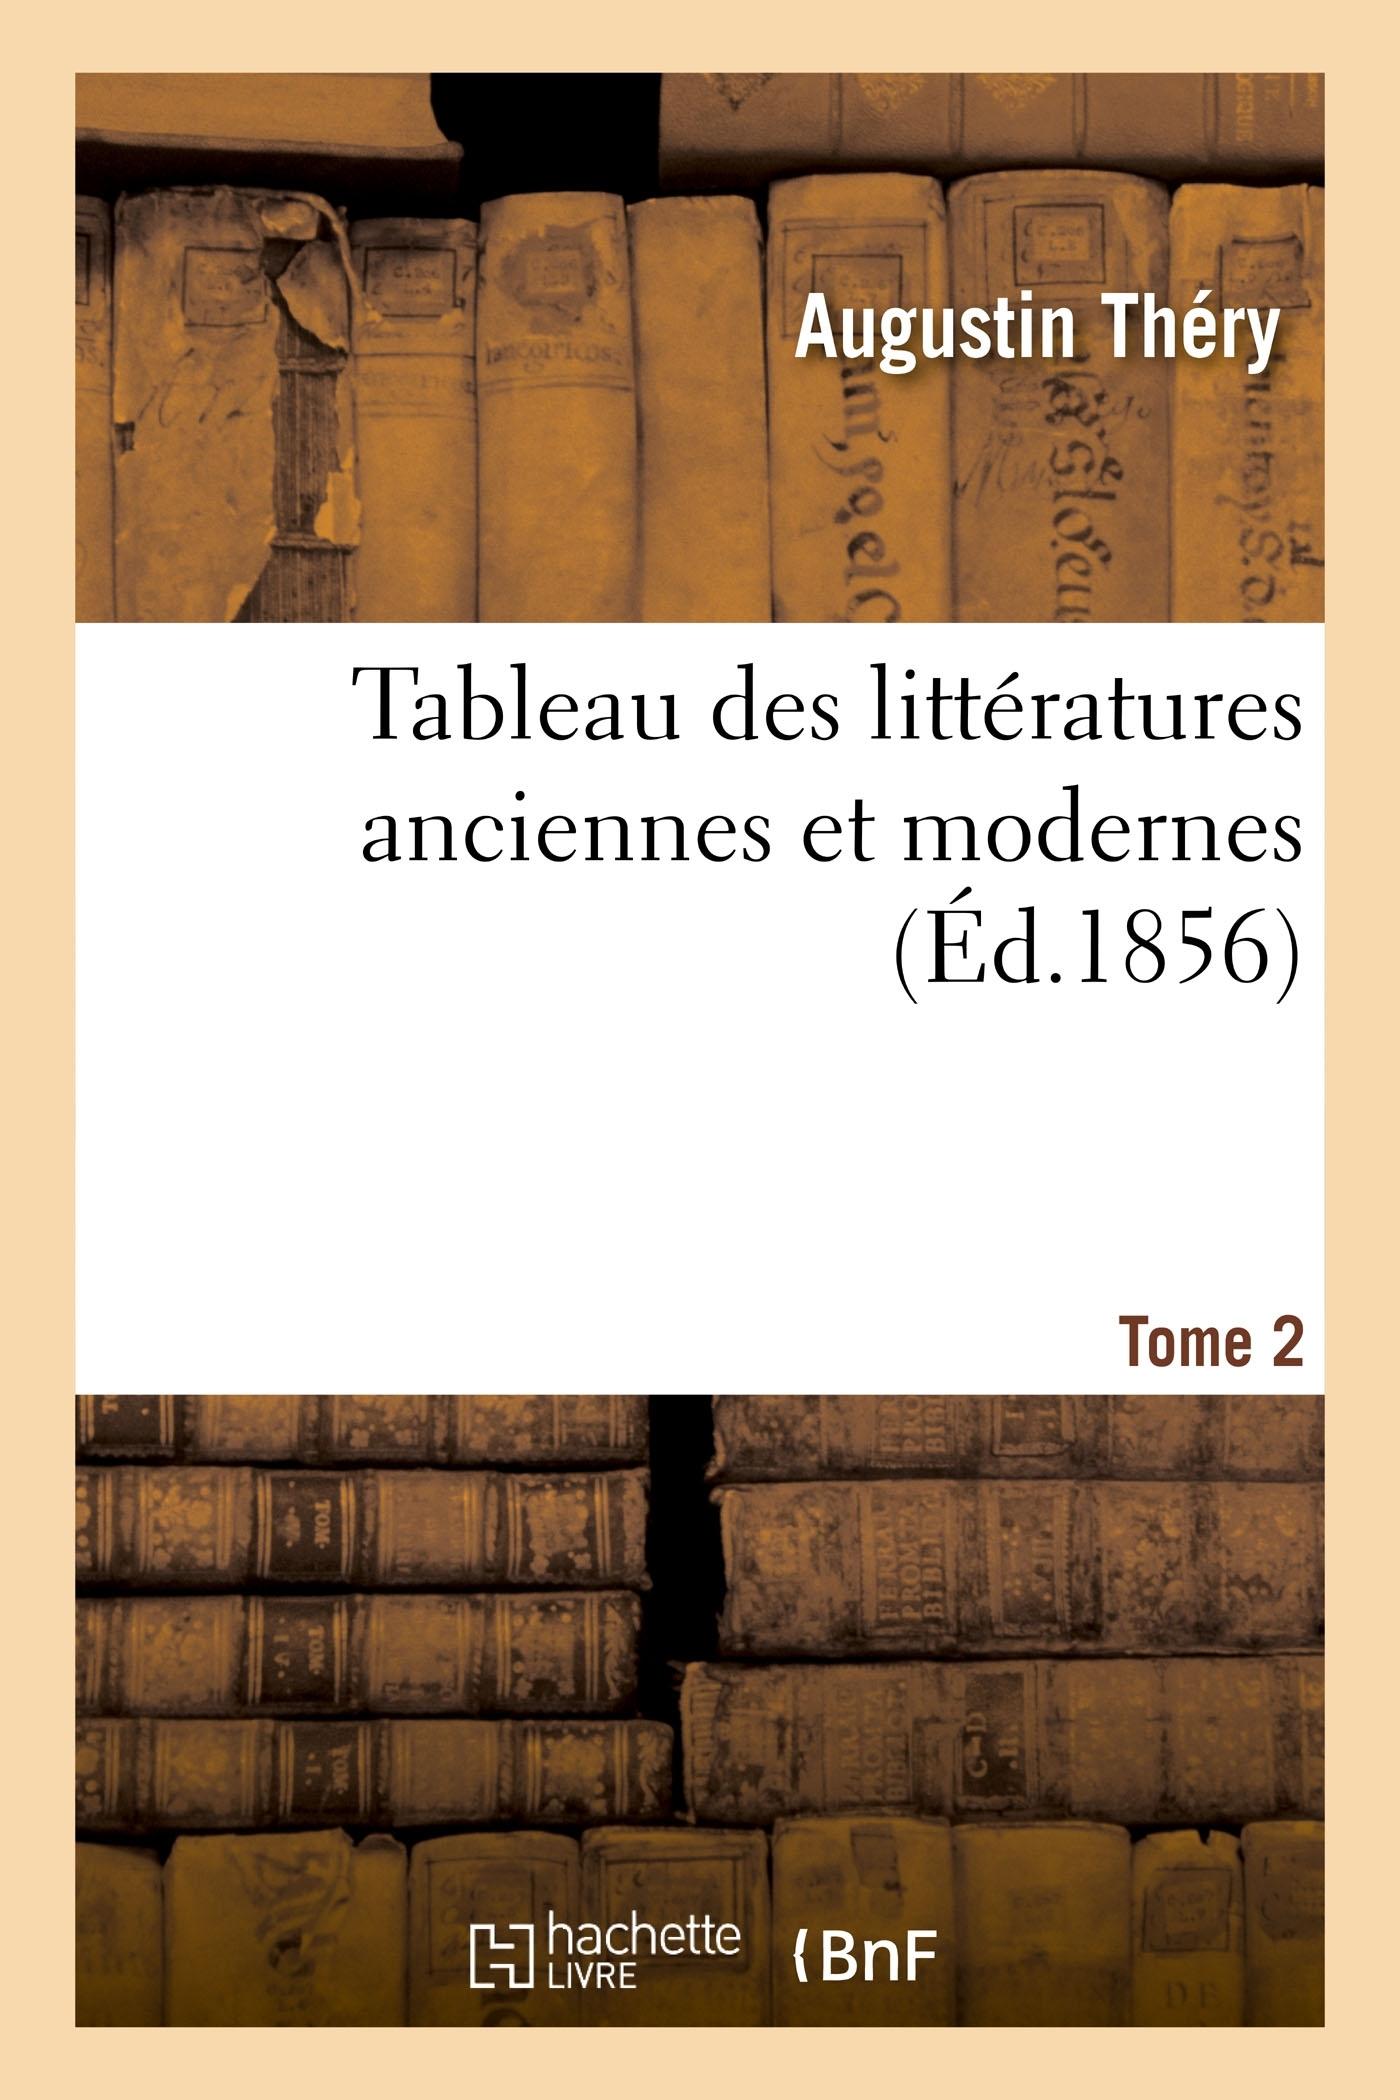 TABLEAU DES LITTERATURES ANCIENNES ET MODERNES. TOME 2 - OU HISTOIRE DES OPINIONS LITTERAIRES CHEZ L